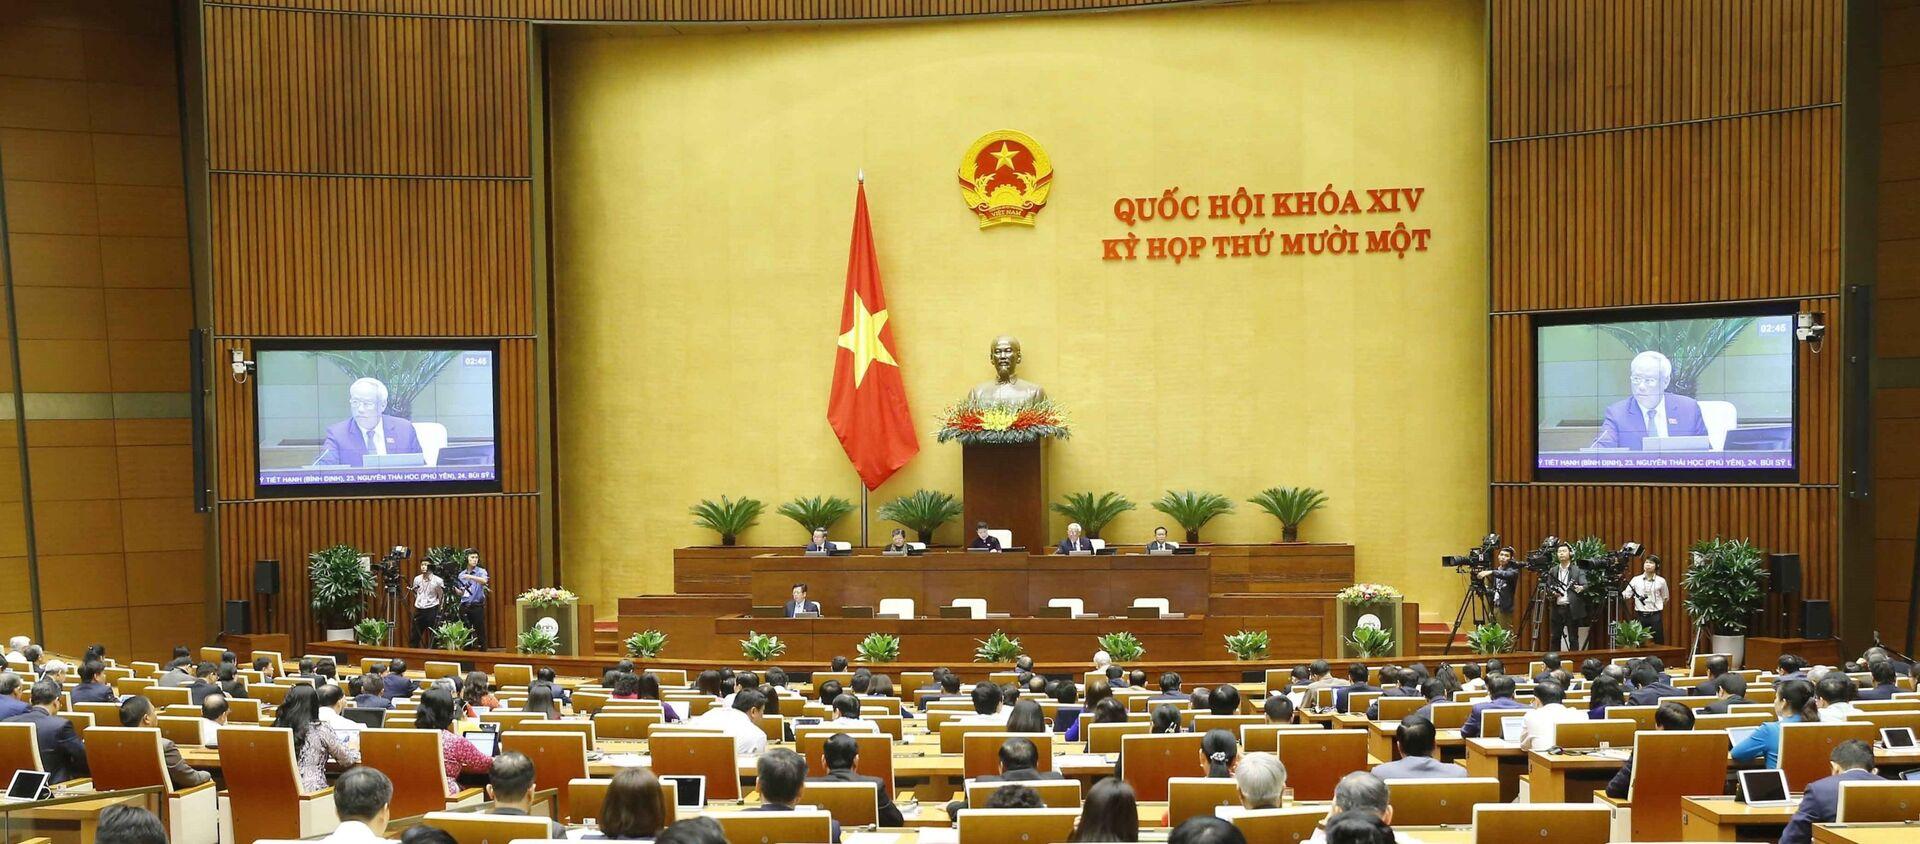 Quang cảnh phiên họp Quốc hội sáng 29/3.  - Sputnik Việt Nam, 1920, 29.03.2021